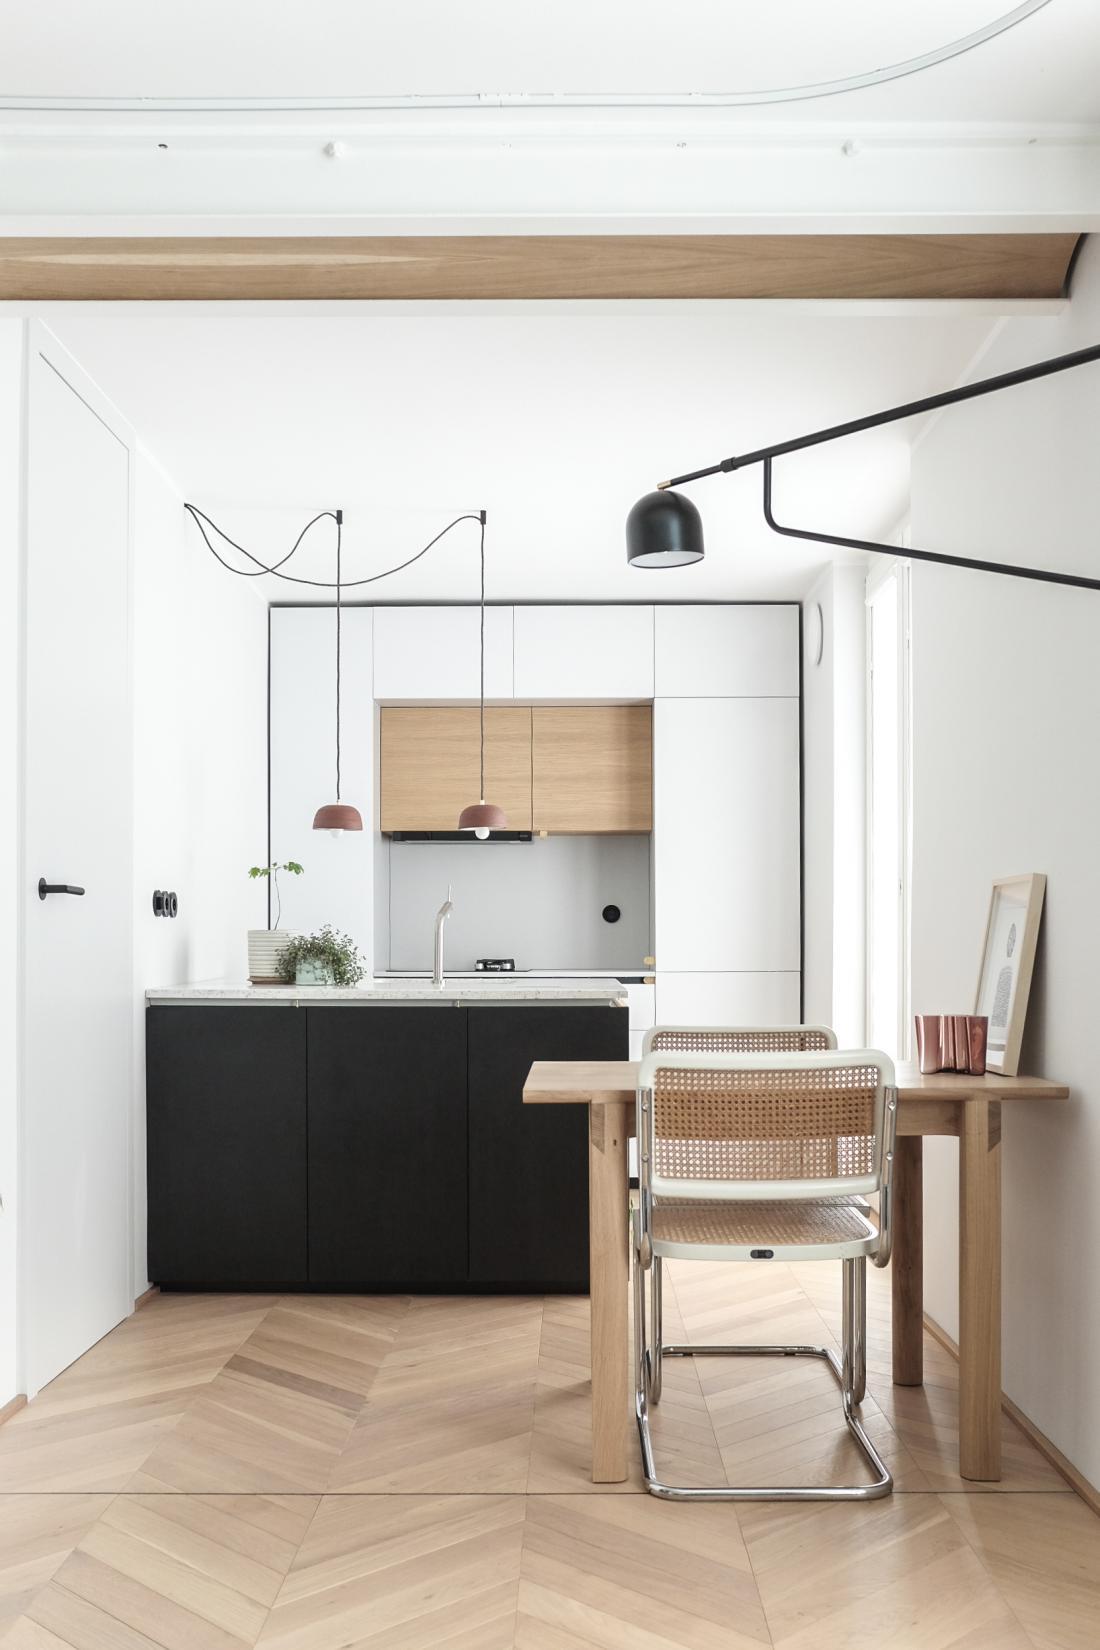 Posebna omemba v kategoriji zasebni interier 2020: projekt 31M2, oblikovanje biro Studio Aino (arhitekta Urša Križman in Luka Fabjan). FOTO: arhiv Studio Aino